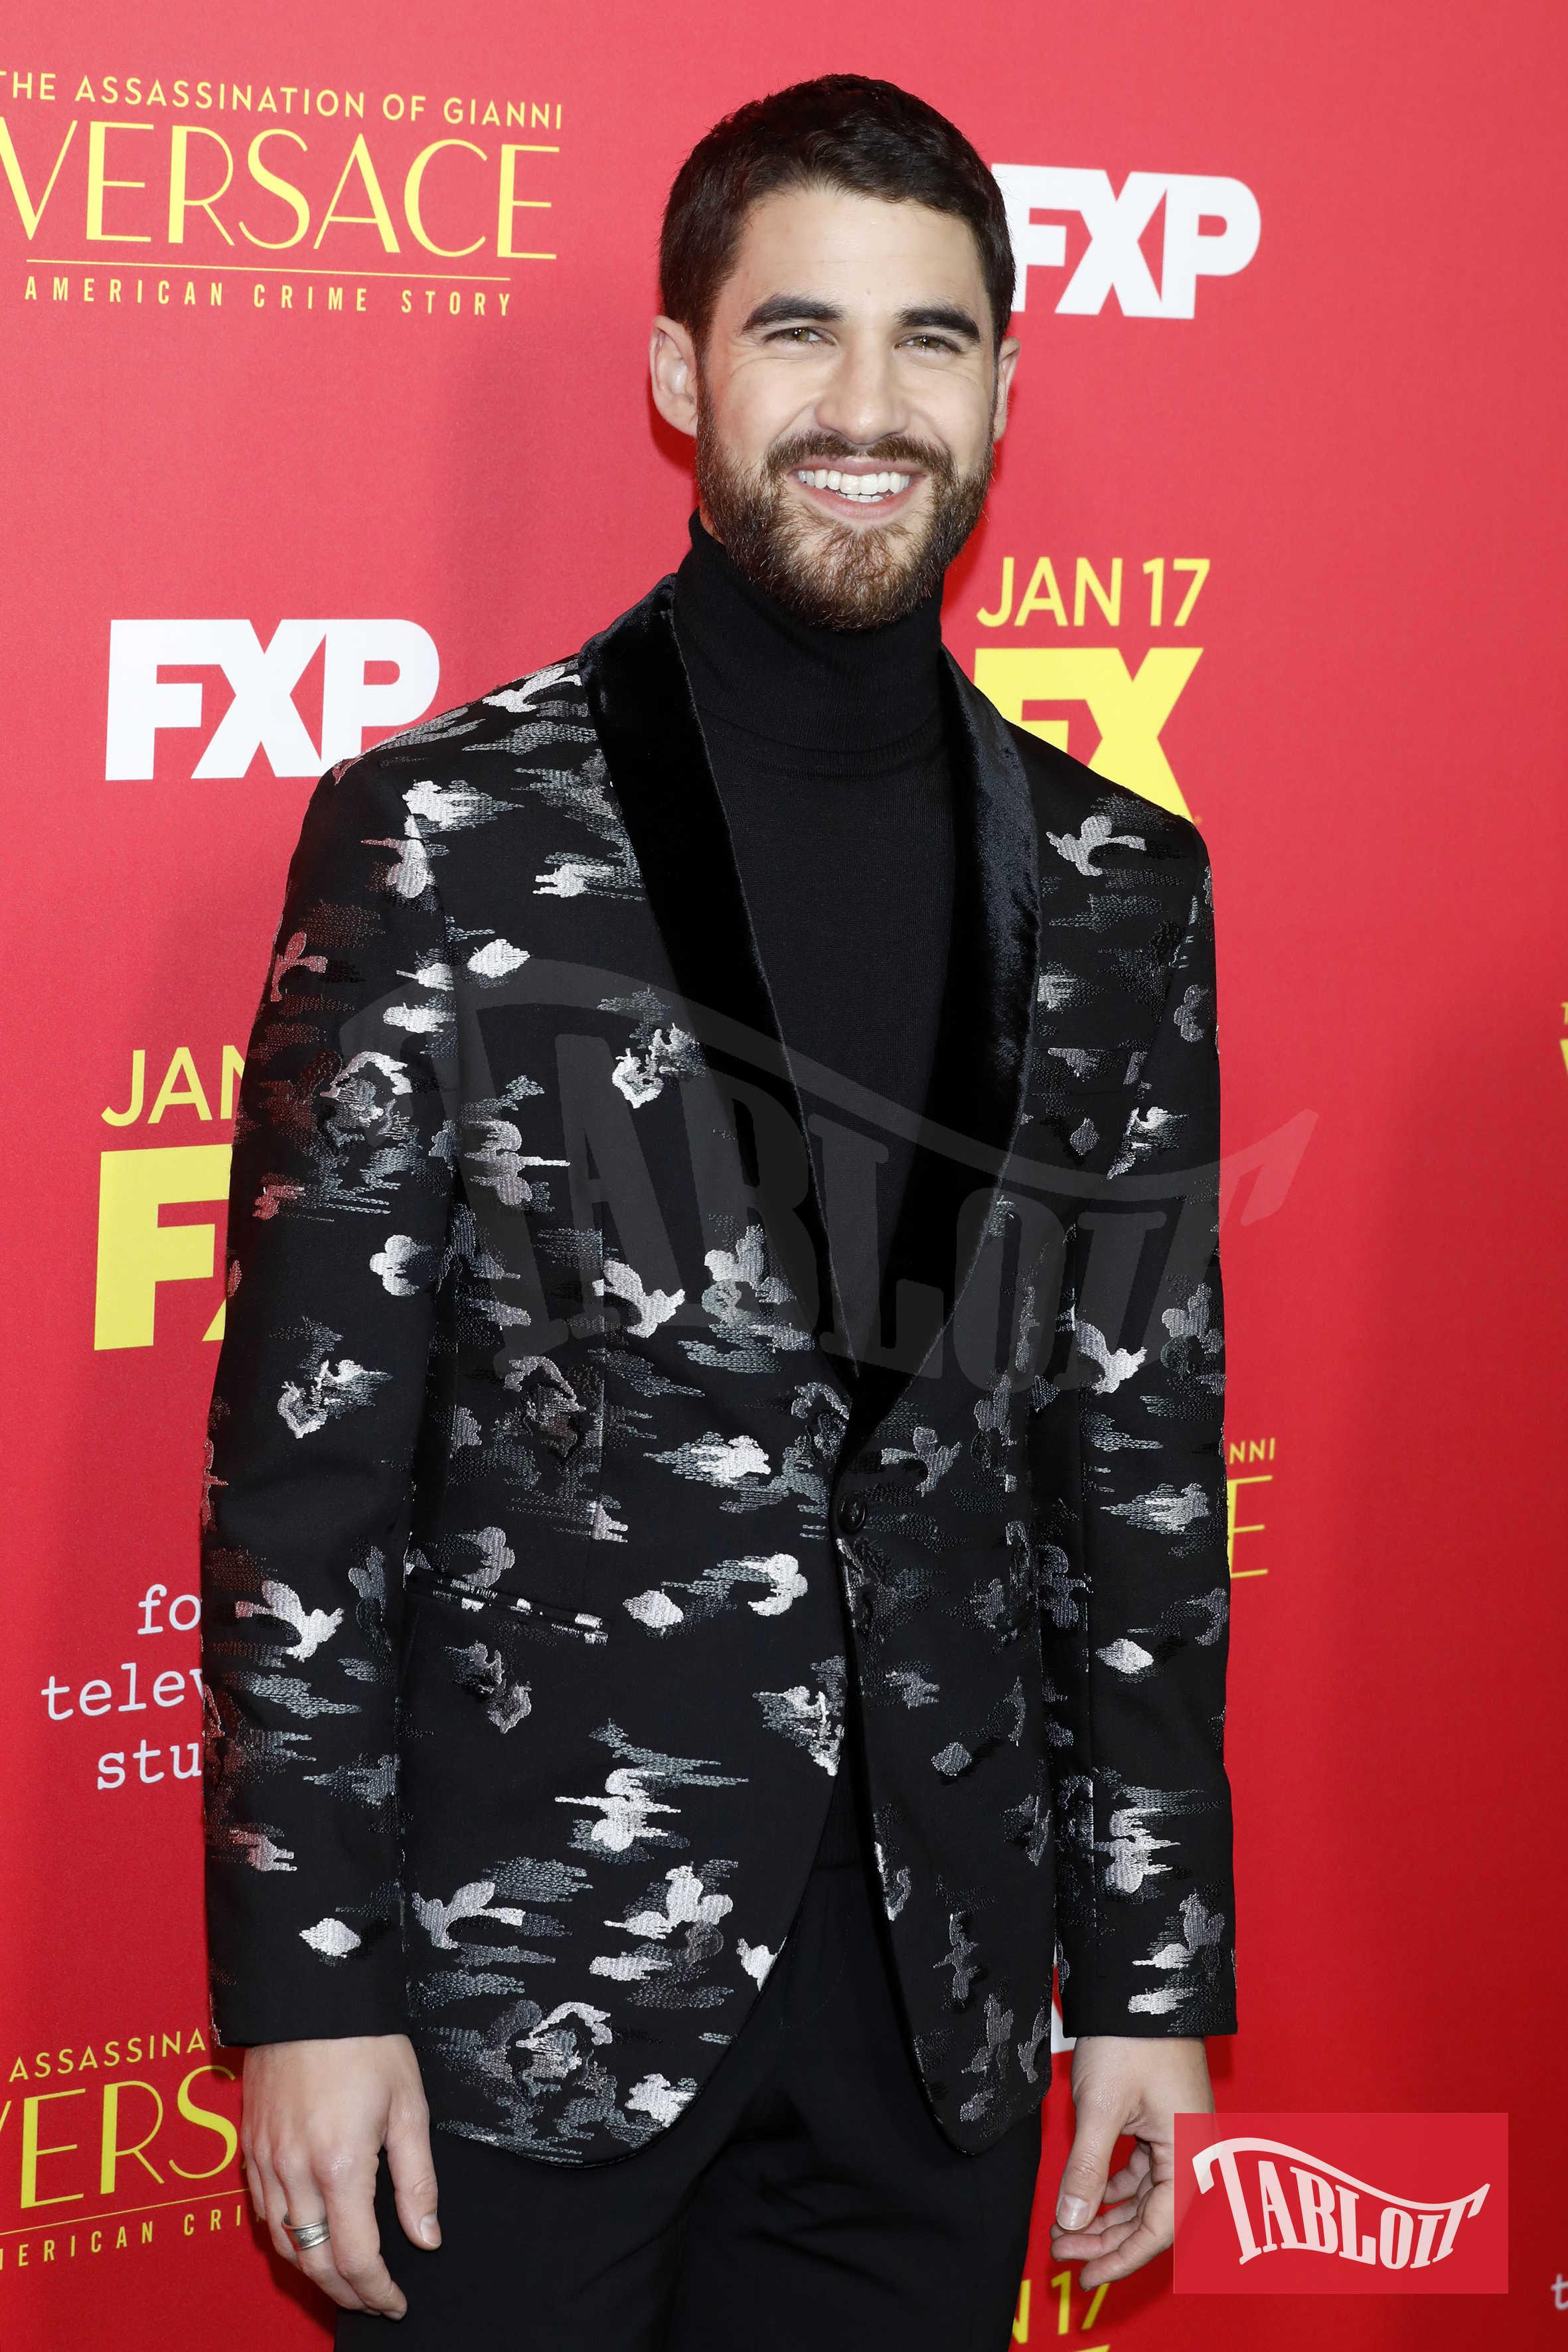 Darren Criss nella serie interpreta il killer di Versace, Andrew Cunanan